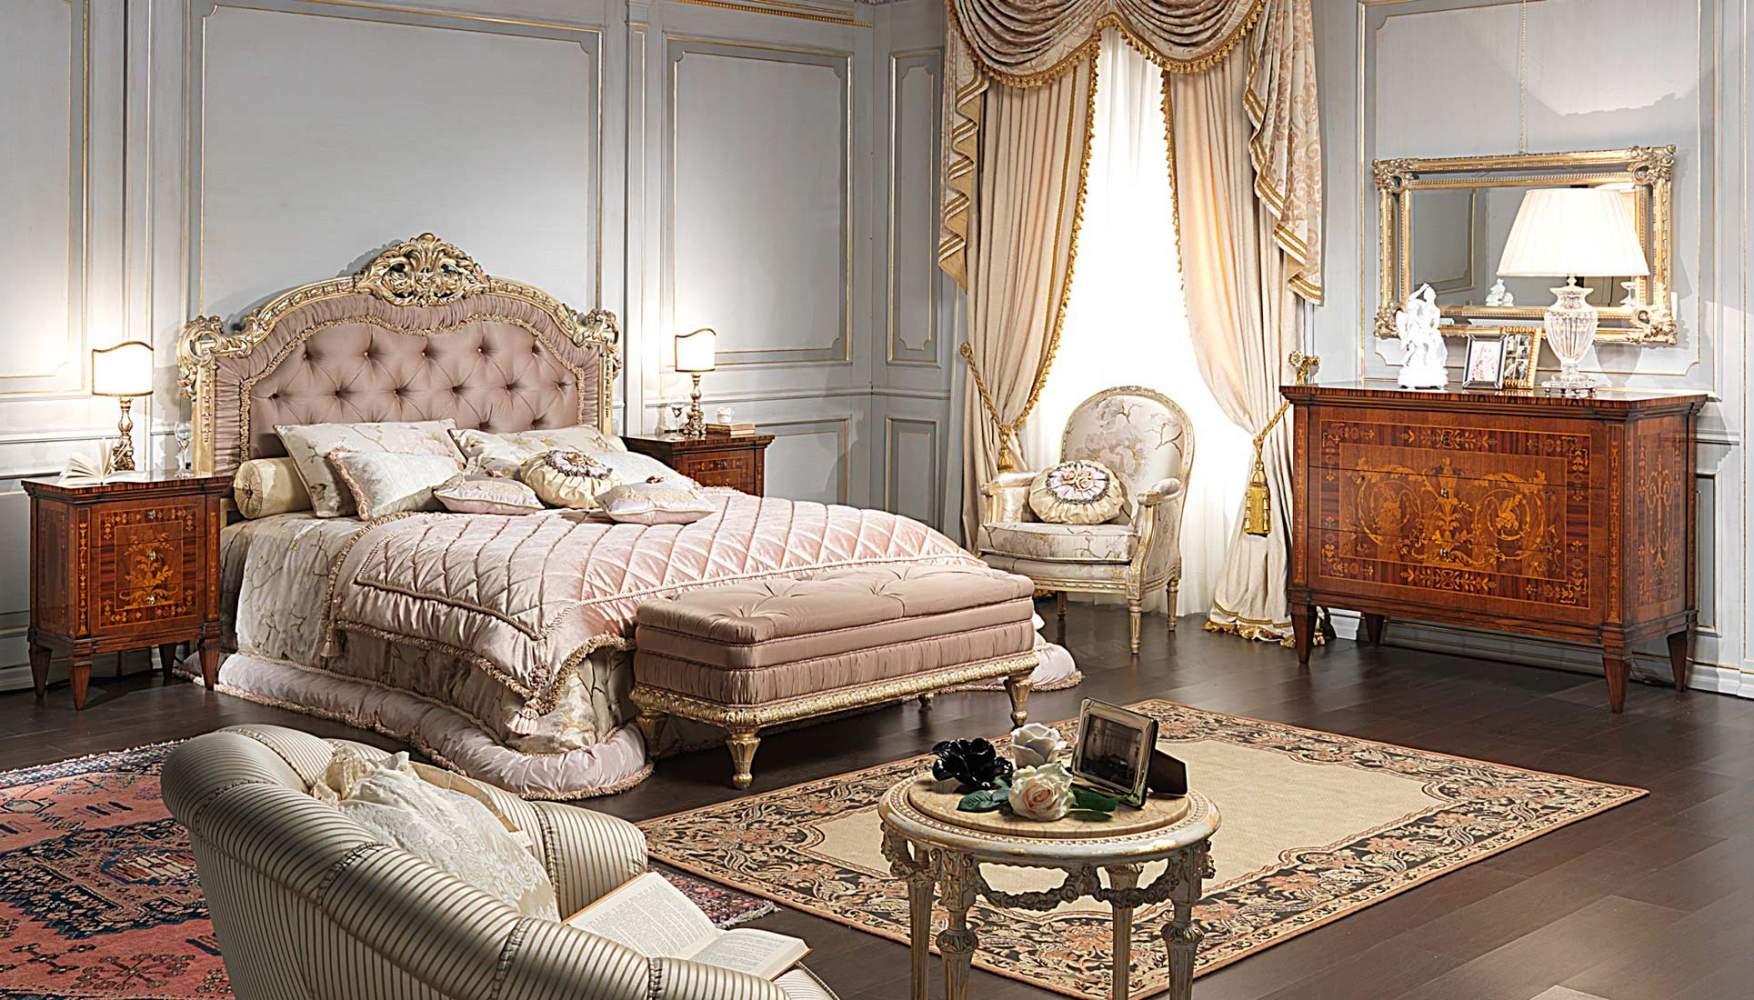 Stanze da letto zen : Tende per camera da letto arte povera: camere da letto in legno